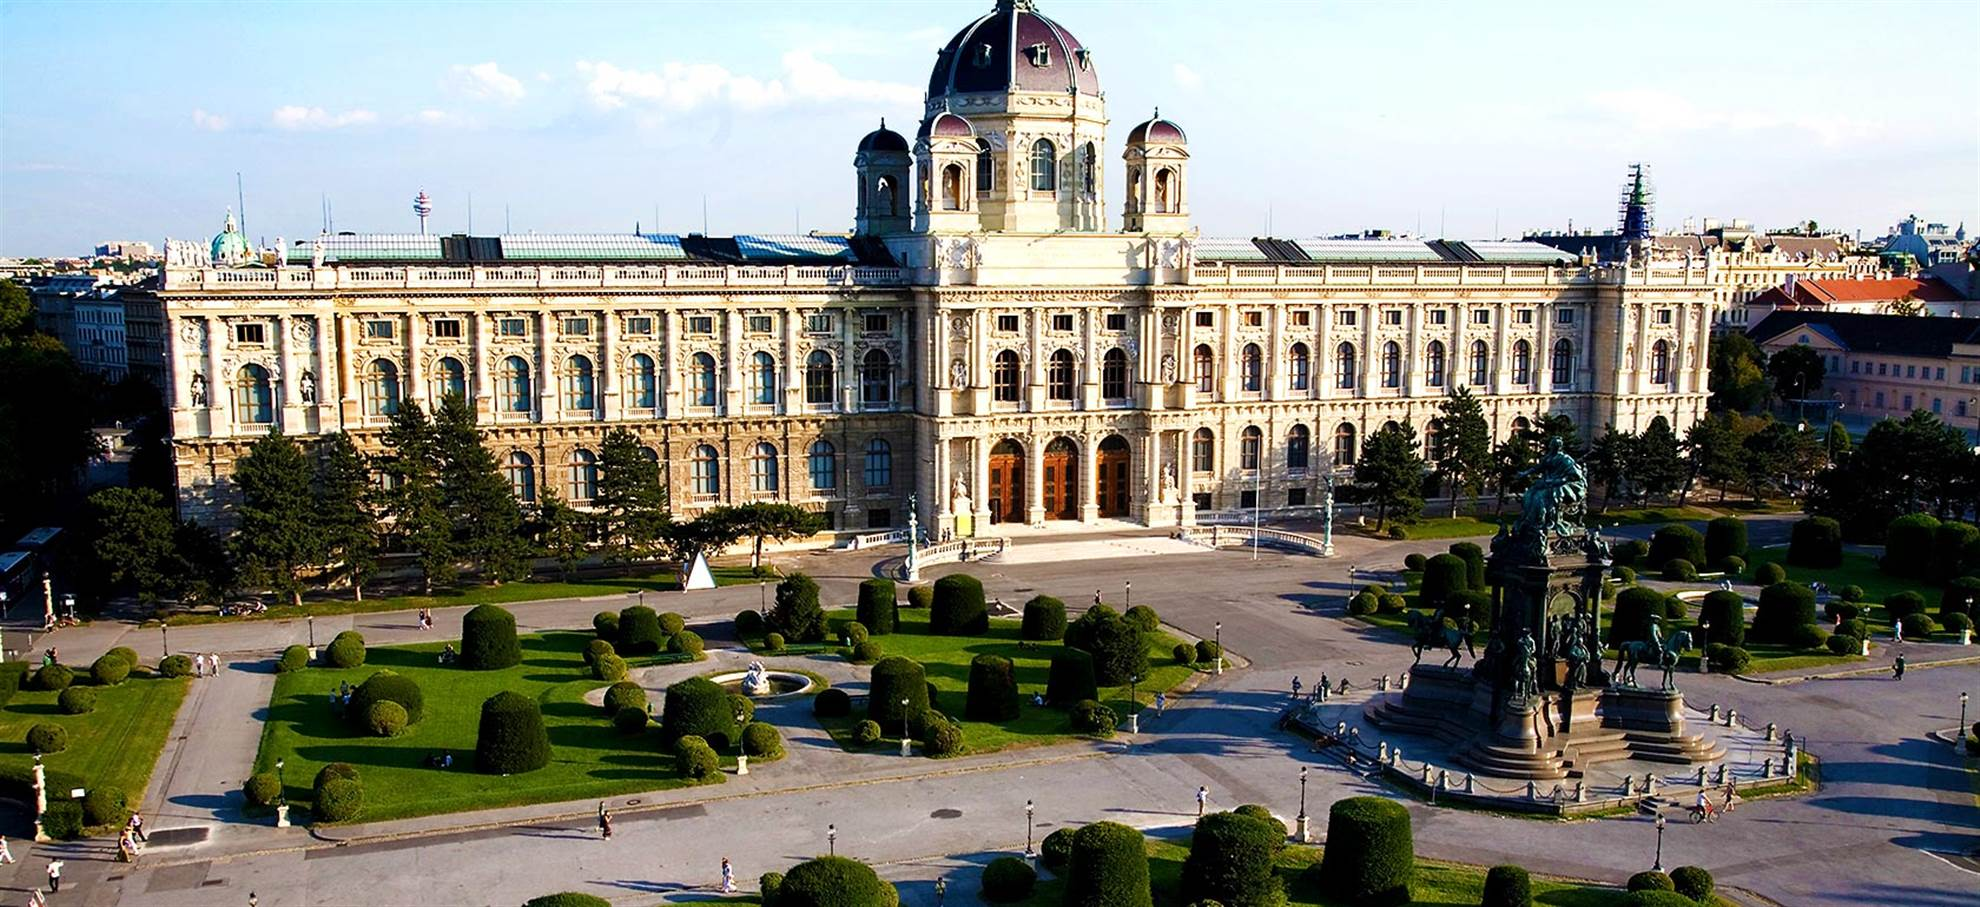 Musée de Kunsthistorisches